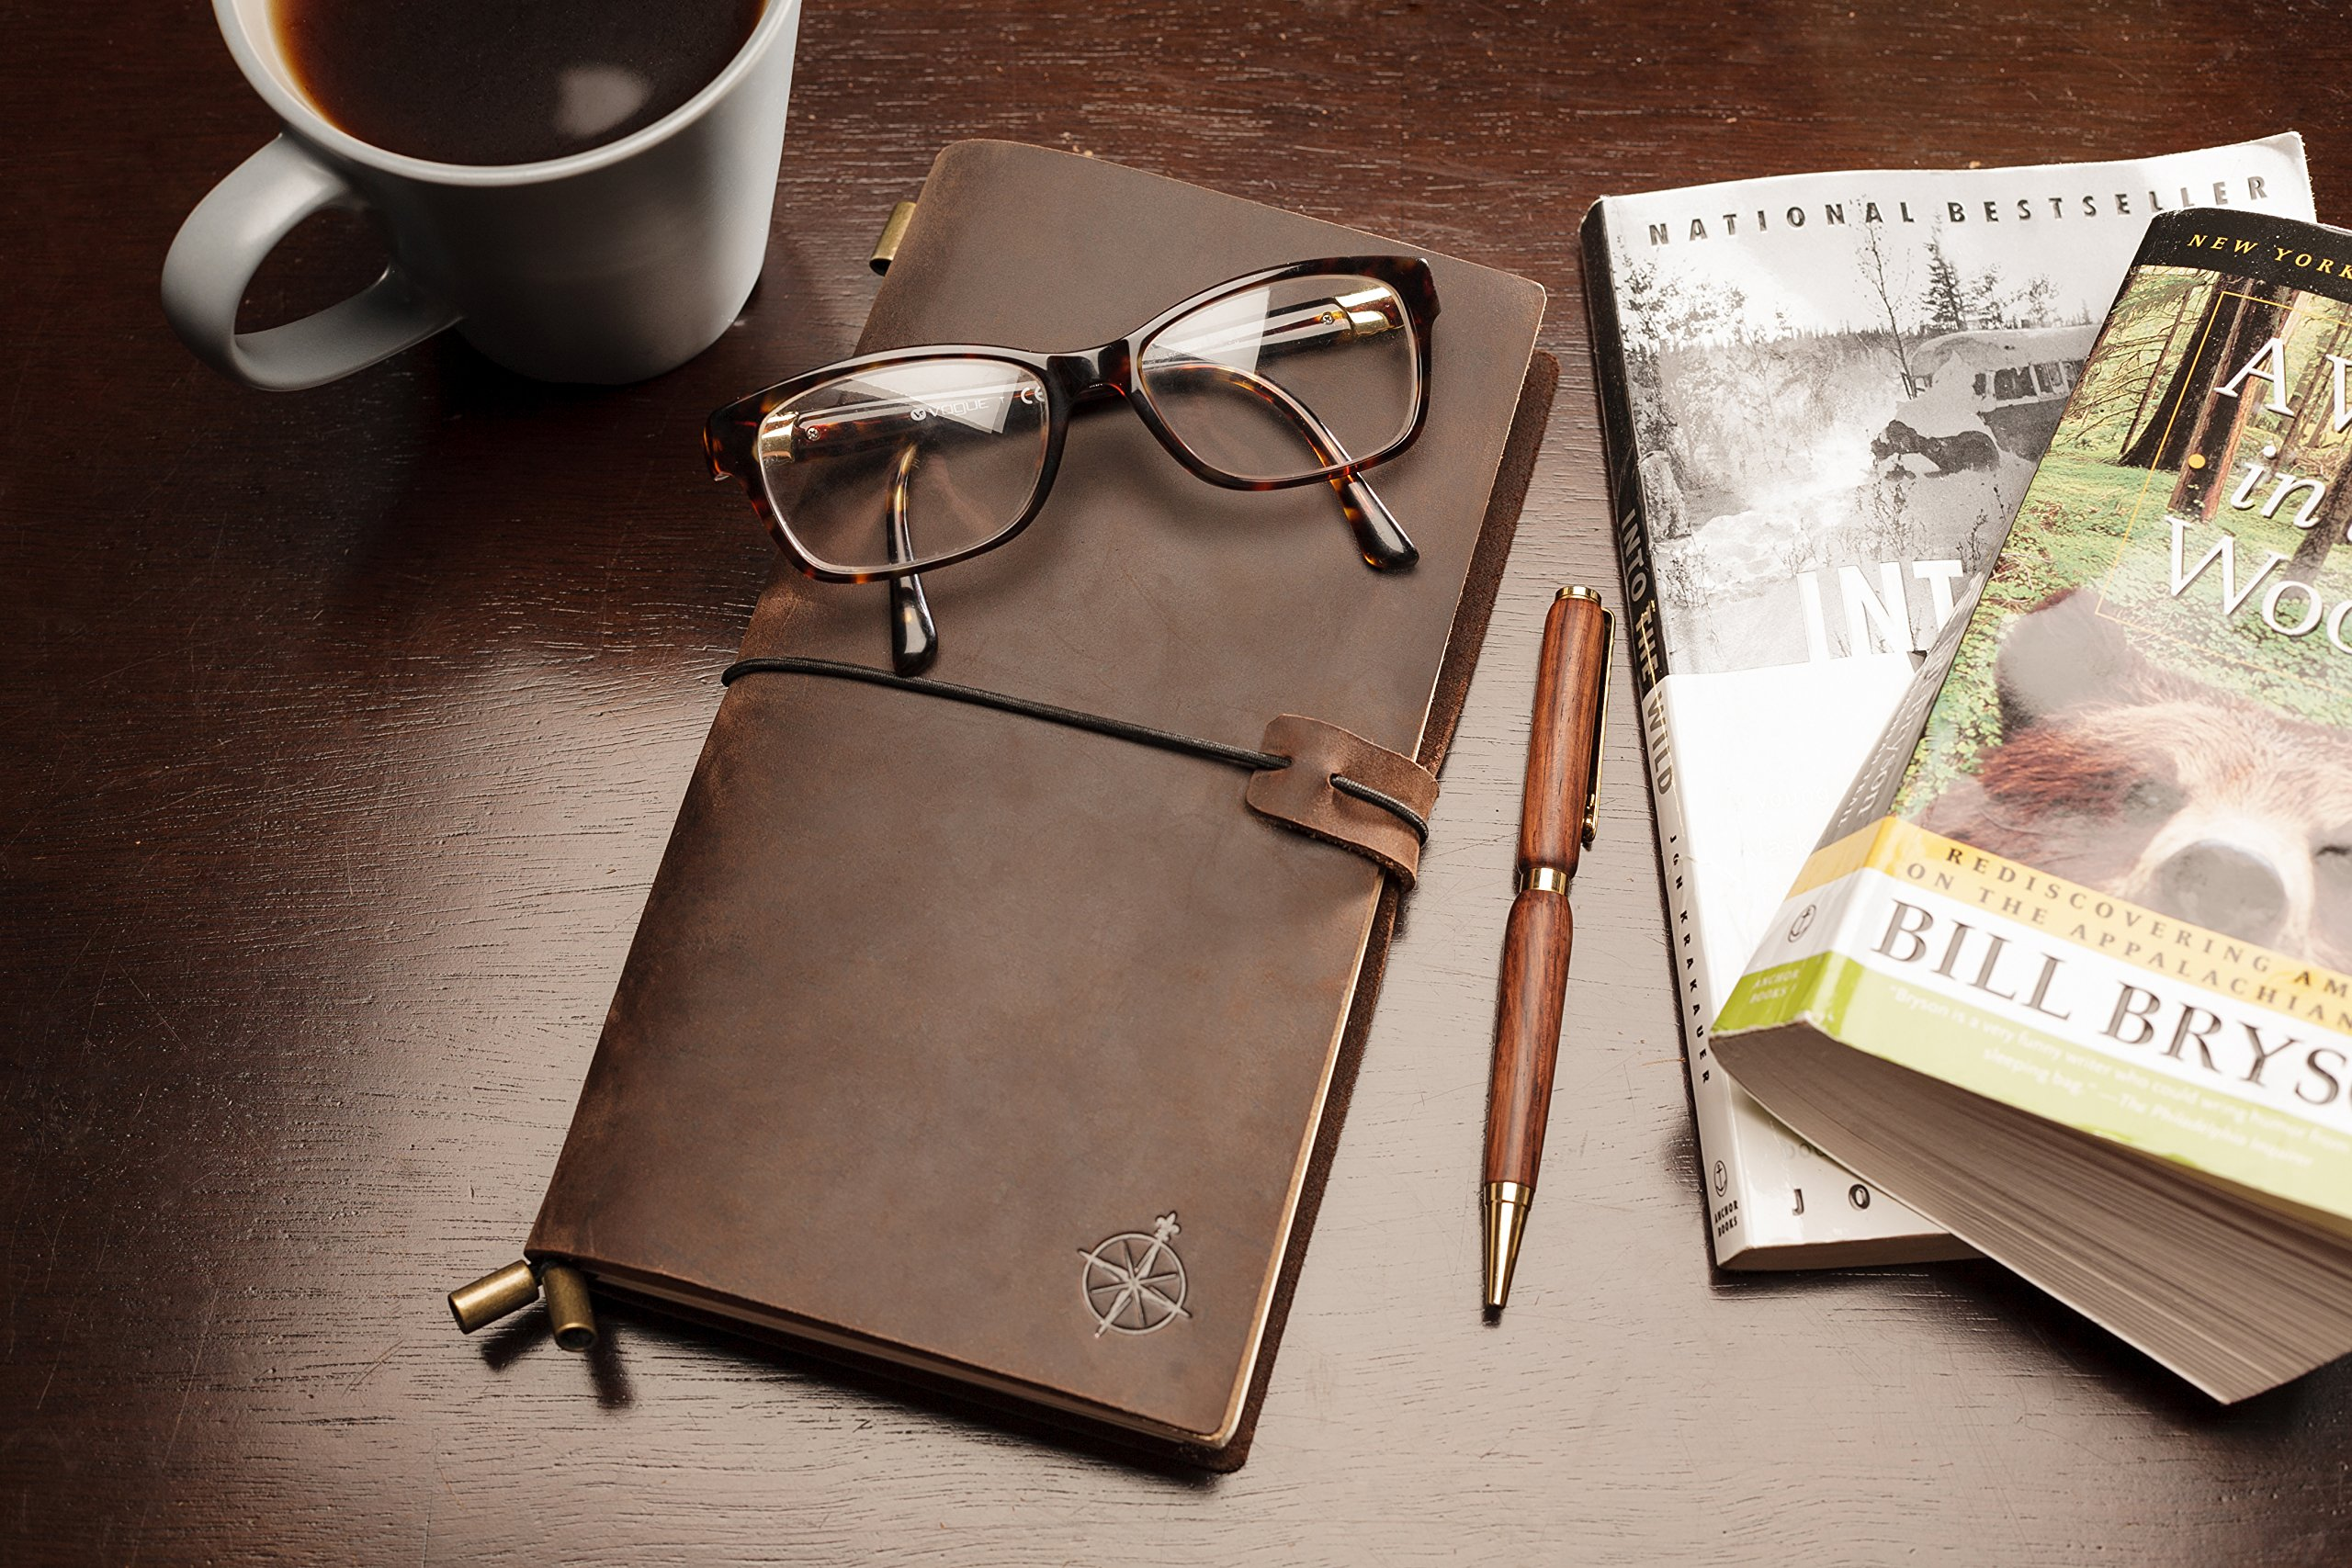 Cuaderno cuero | Libreta de Viaje, Rellenable, Travel Notebook, Bullet Journal, Gran Regalo, Diario para Escribir o Viajes. Agenda Cuero. Recargas en Blanco. (22 x 12cm) por Wanderings